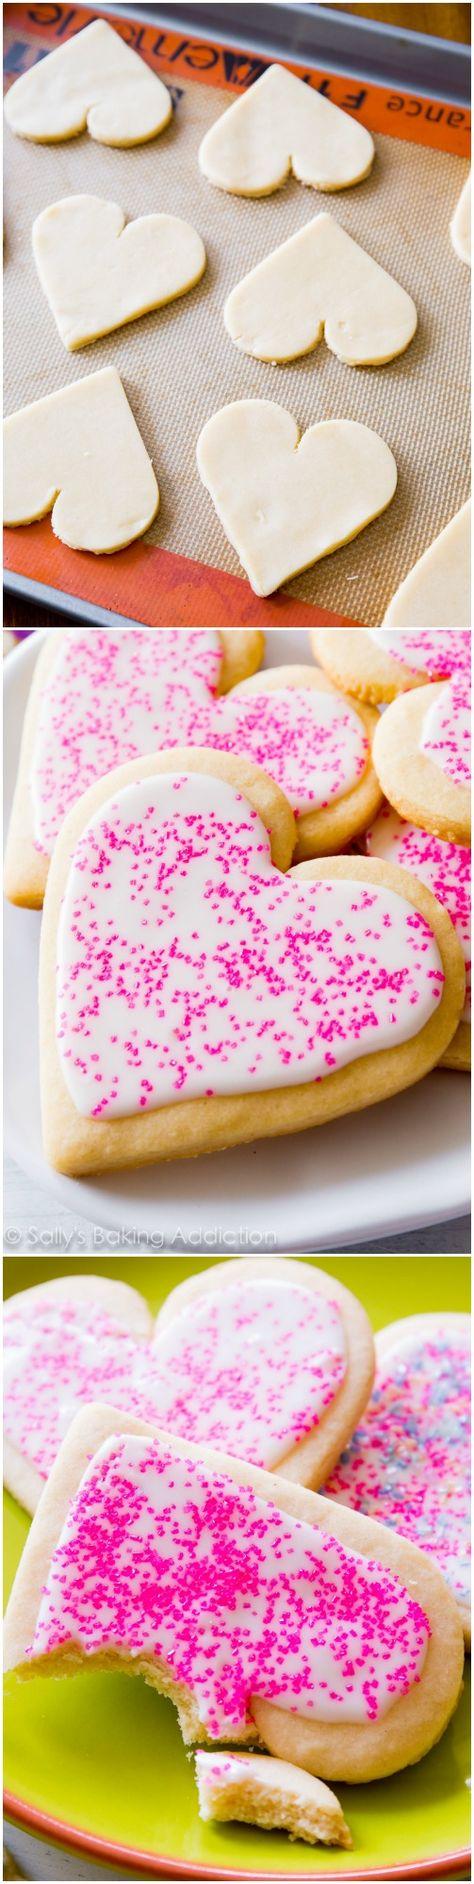 Valentines sugar cookies #valentines #baking #heart